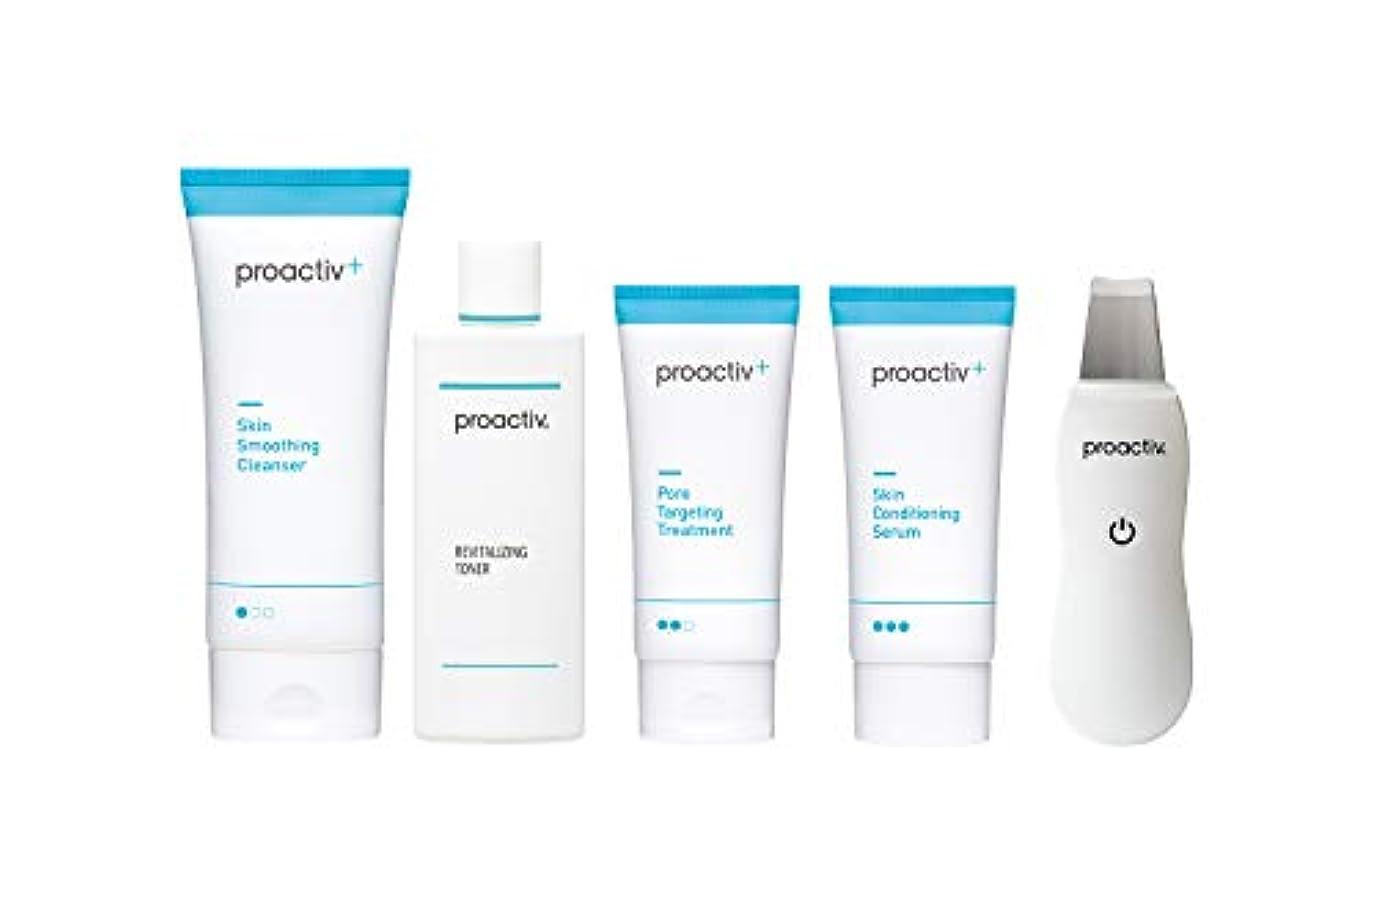 迫害する材料涙プロアクティブ+ Proactiv+ 薬用4ステップセット (90日セット) ウォーターピーリング プレゼント 公式ガイド付